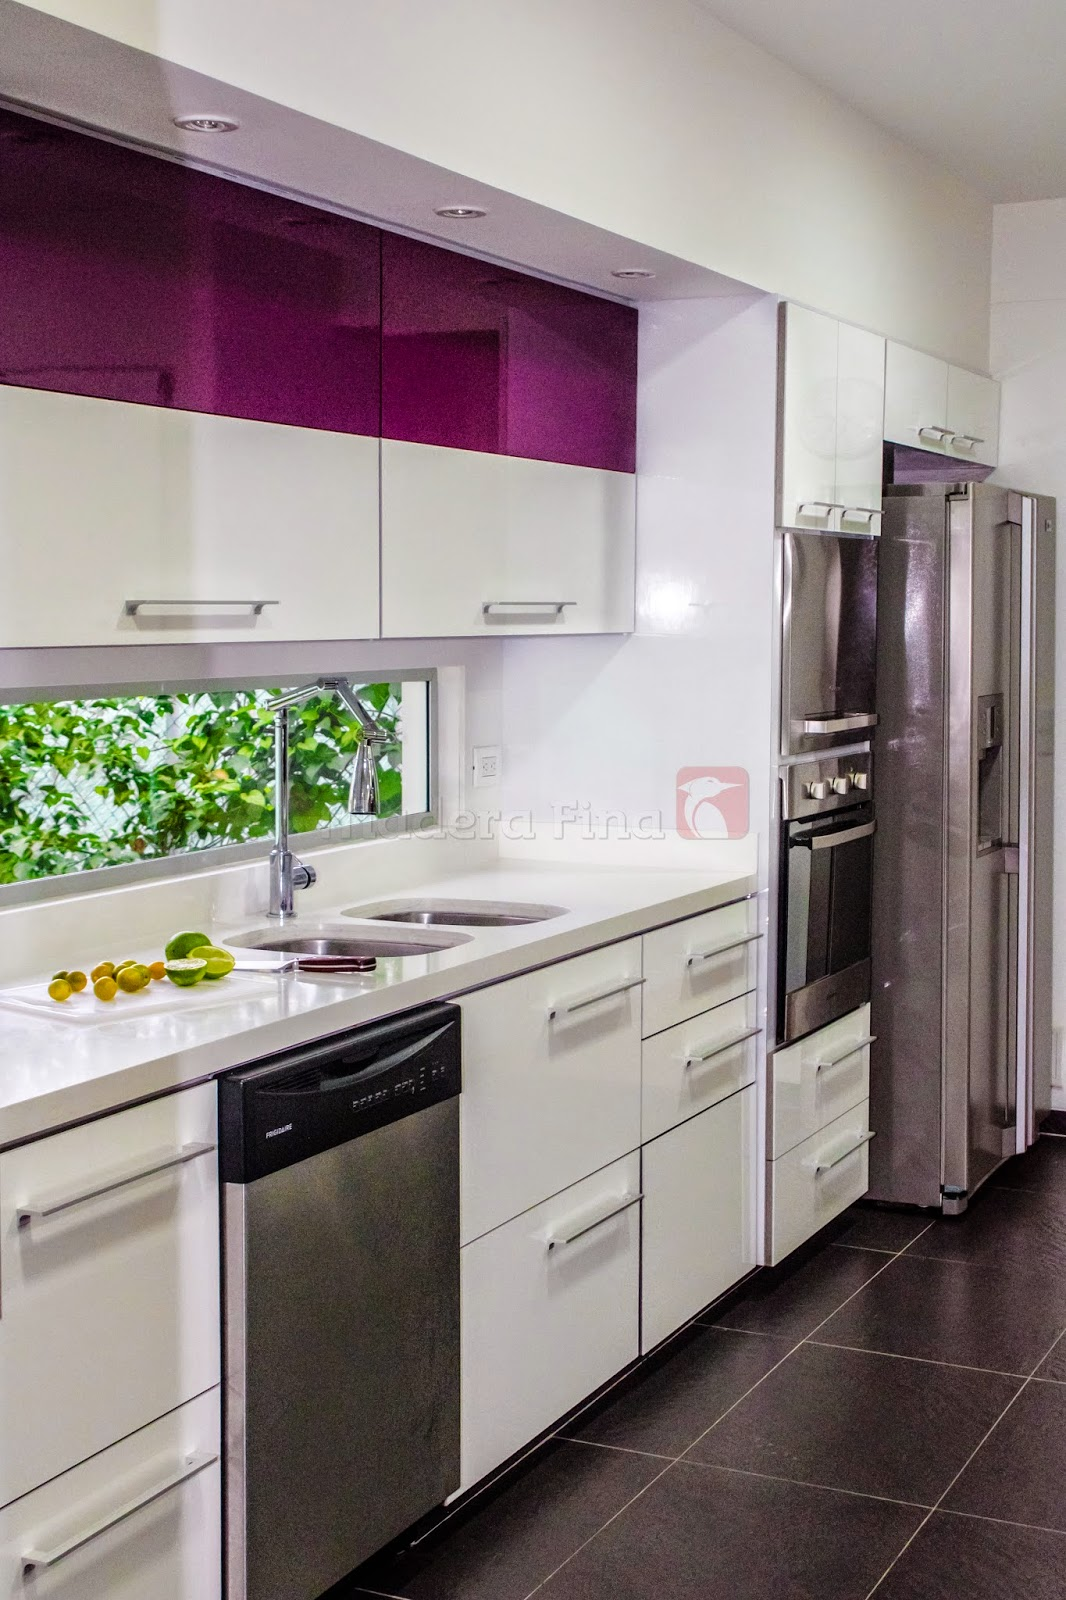 Cocina moderna en pereira morado y blanco cocinas for Cocinas modernas color madera